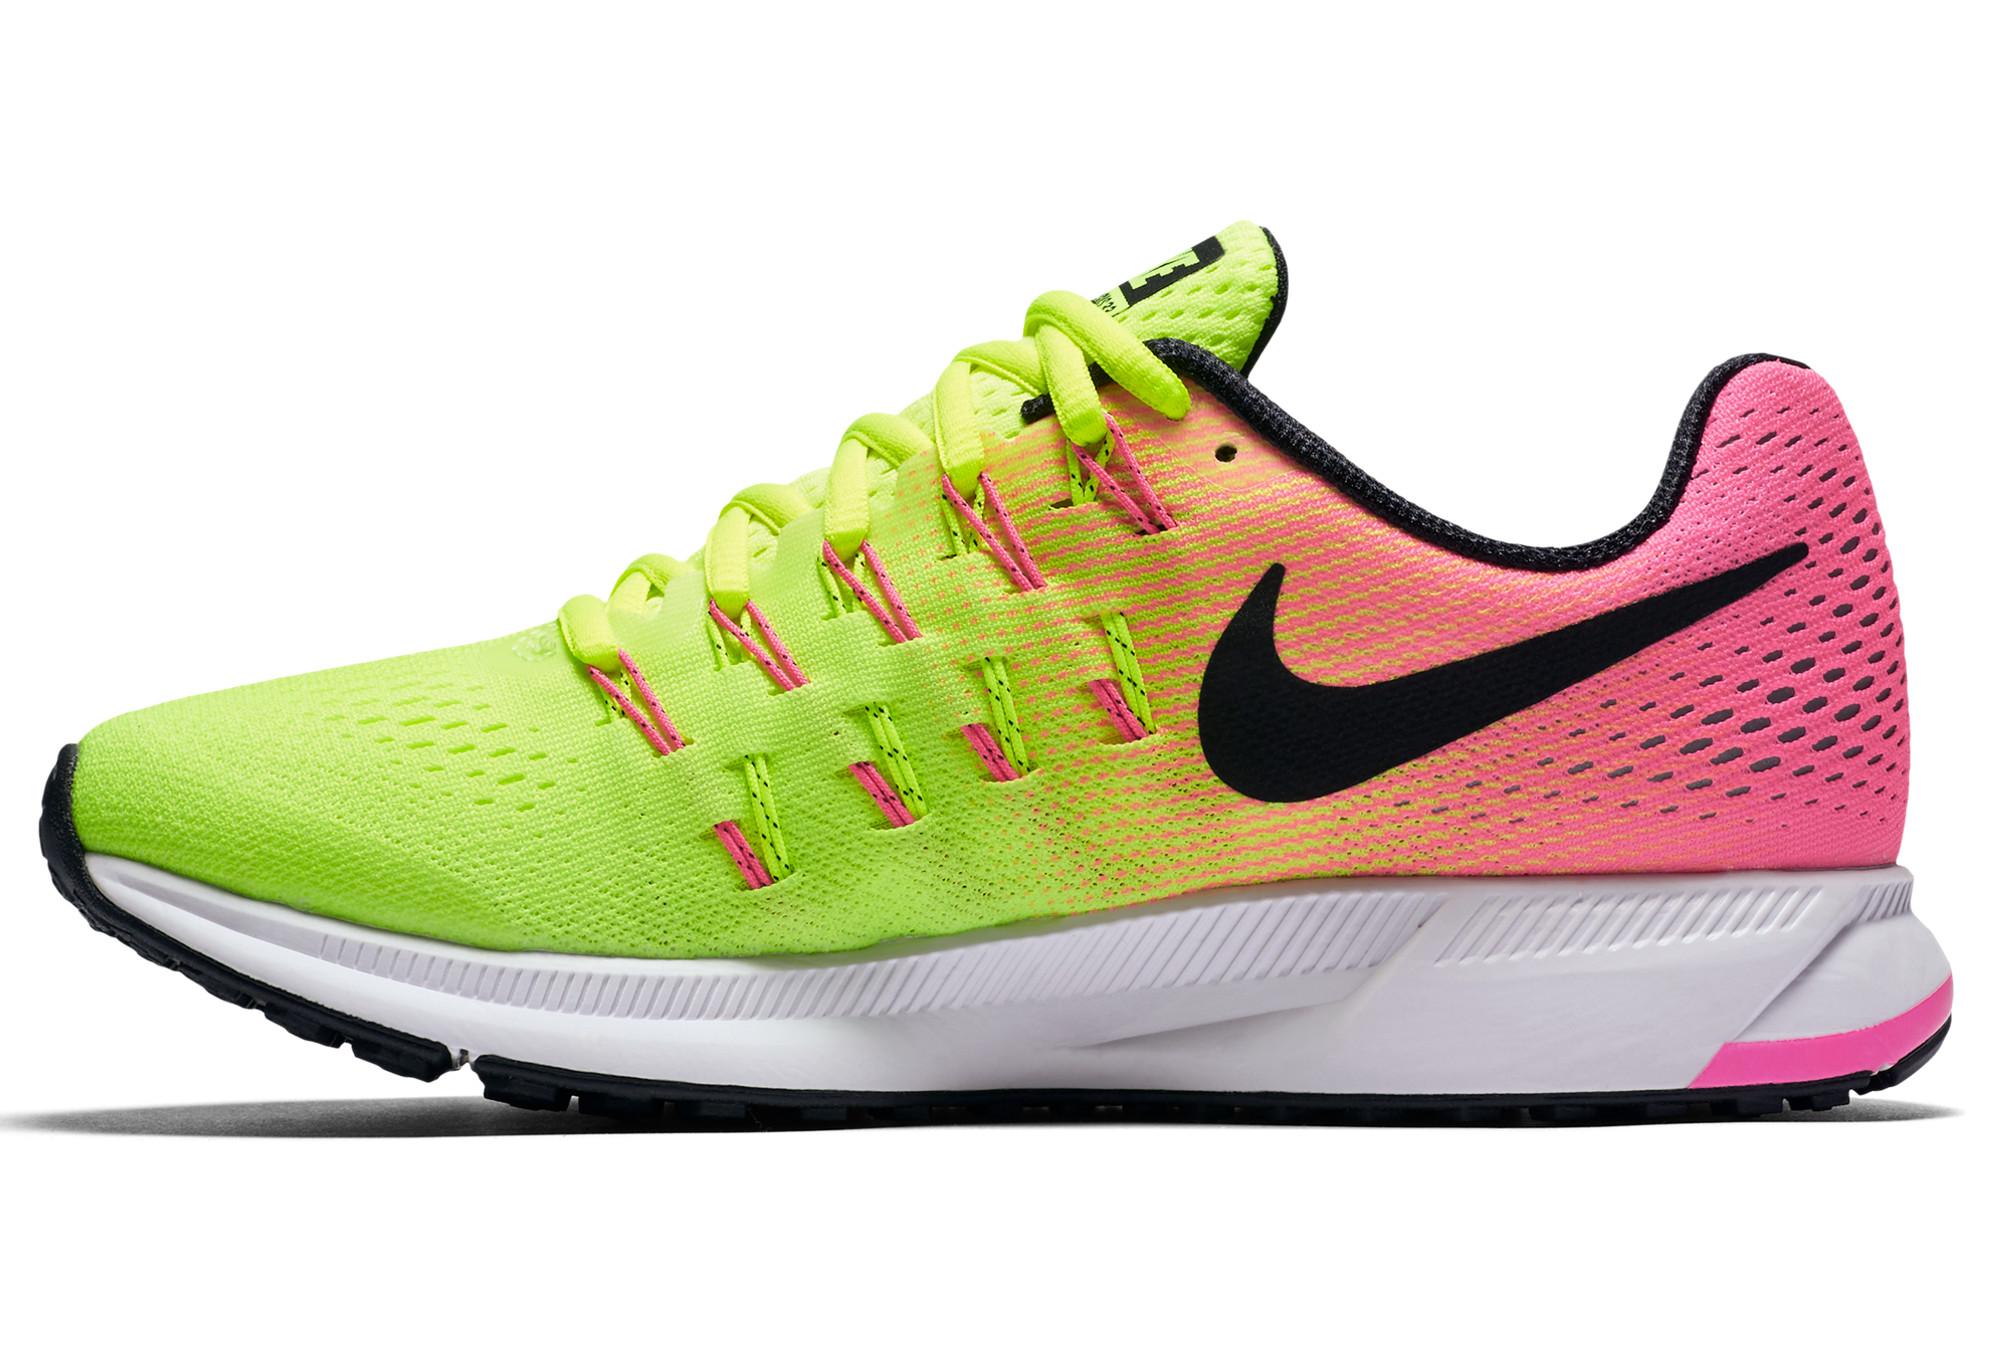 Tarjeta postal esconder Caña  nike zoom pegasus 33 australia61% OFF Nike Vapormax plus colors